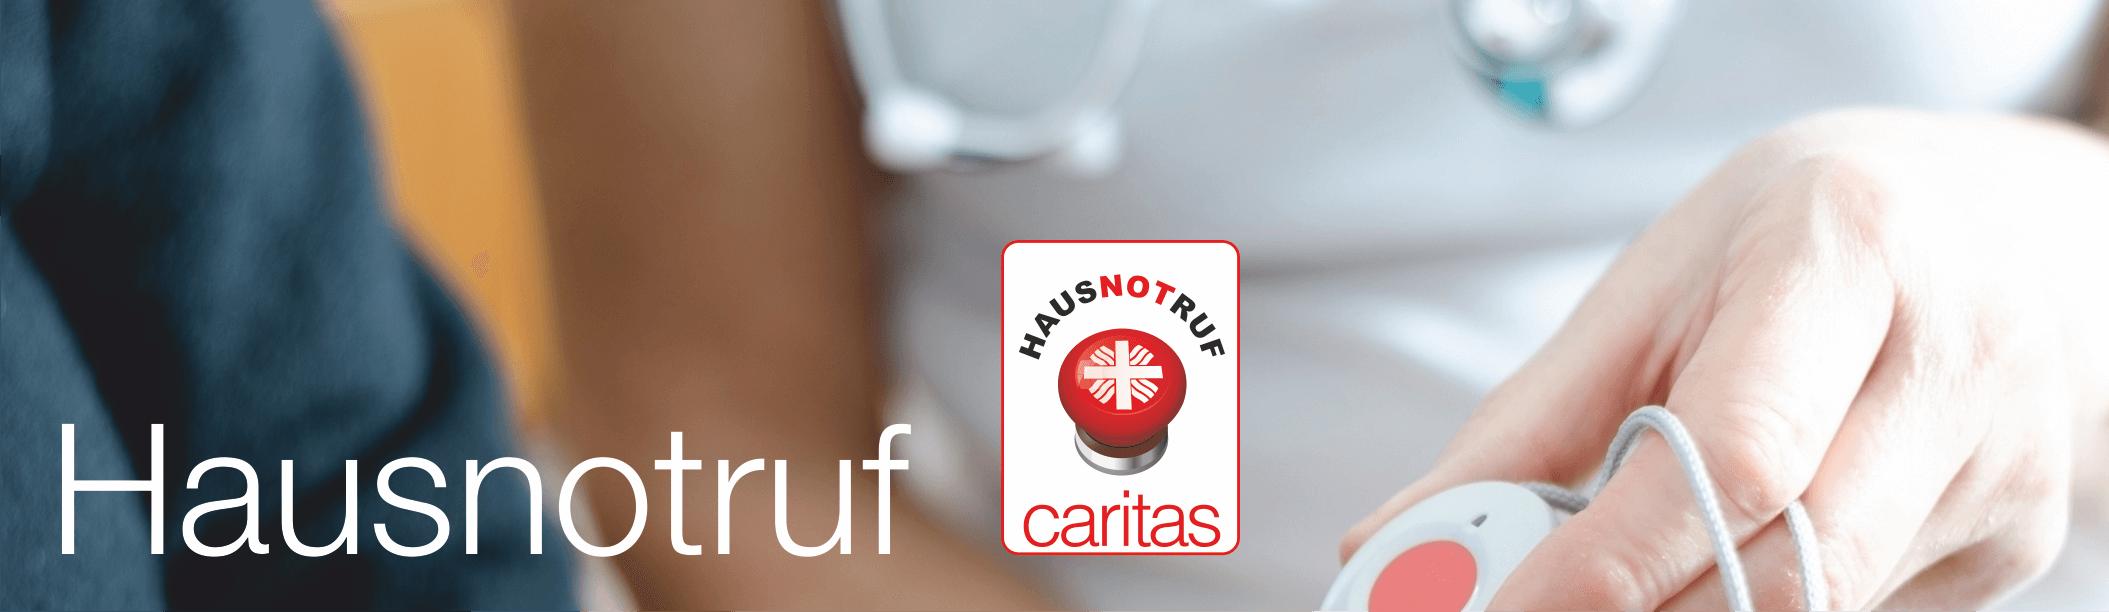 Caritas24